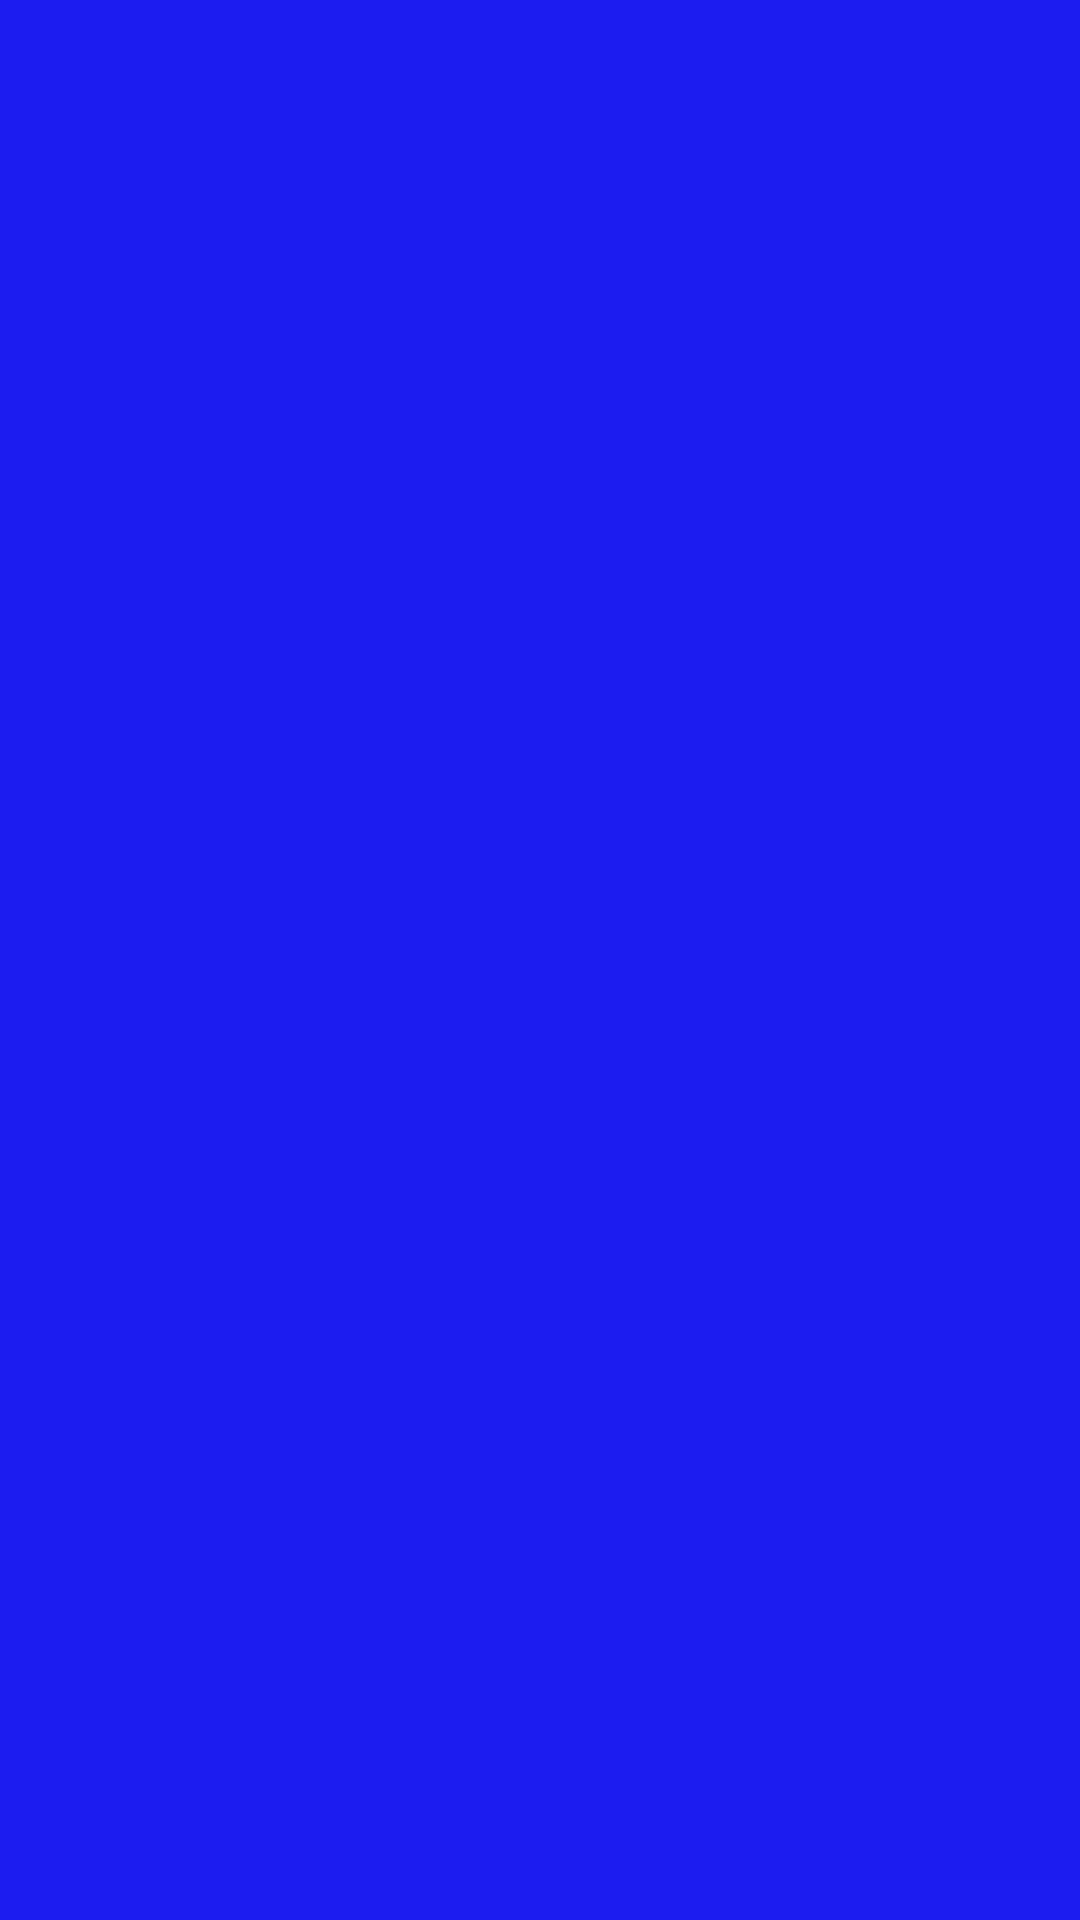 1080x1920 Bluebonnet Solid Color Background